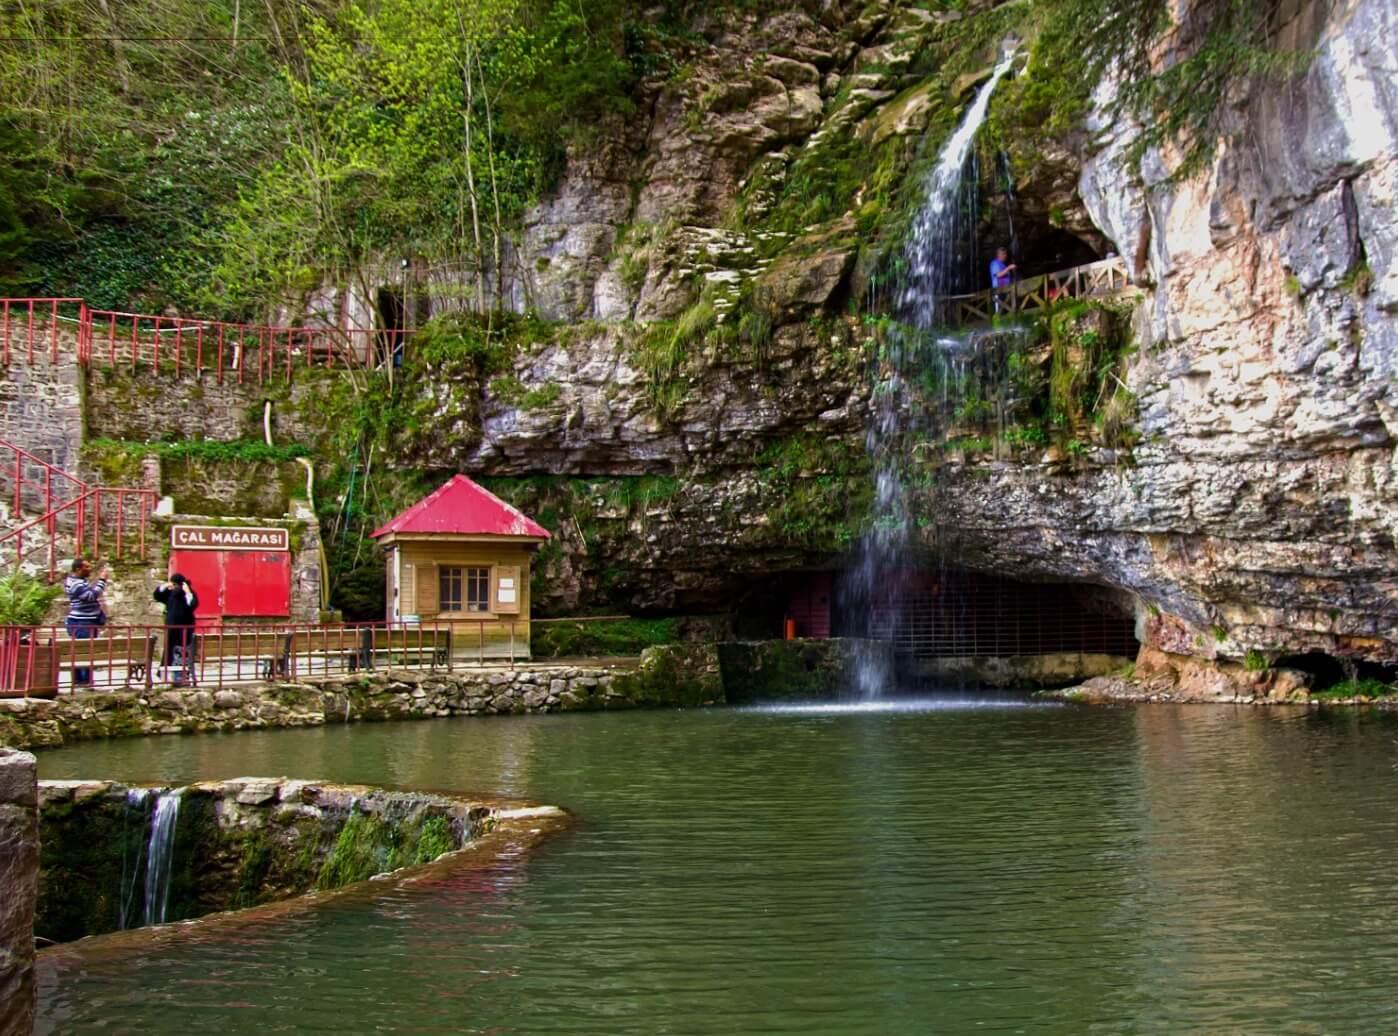 مغارة تشال كوي (Çalköy Mağarası)